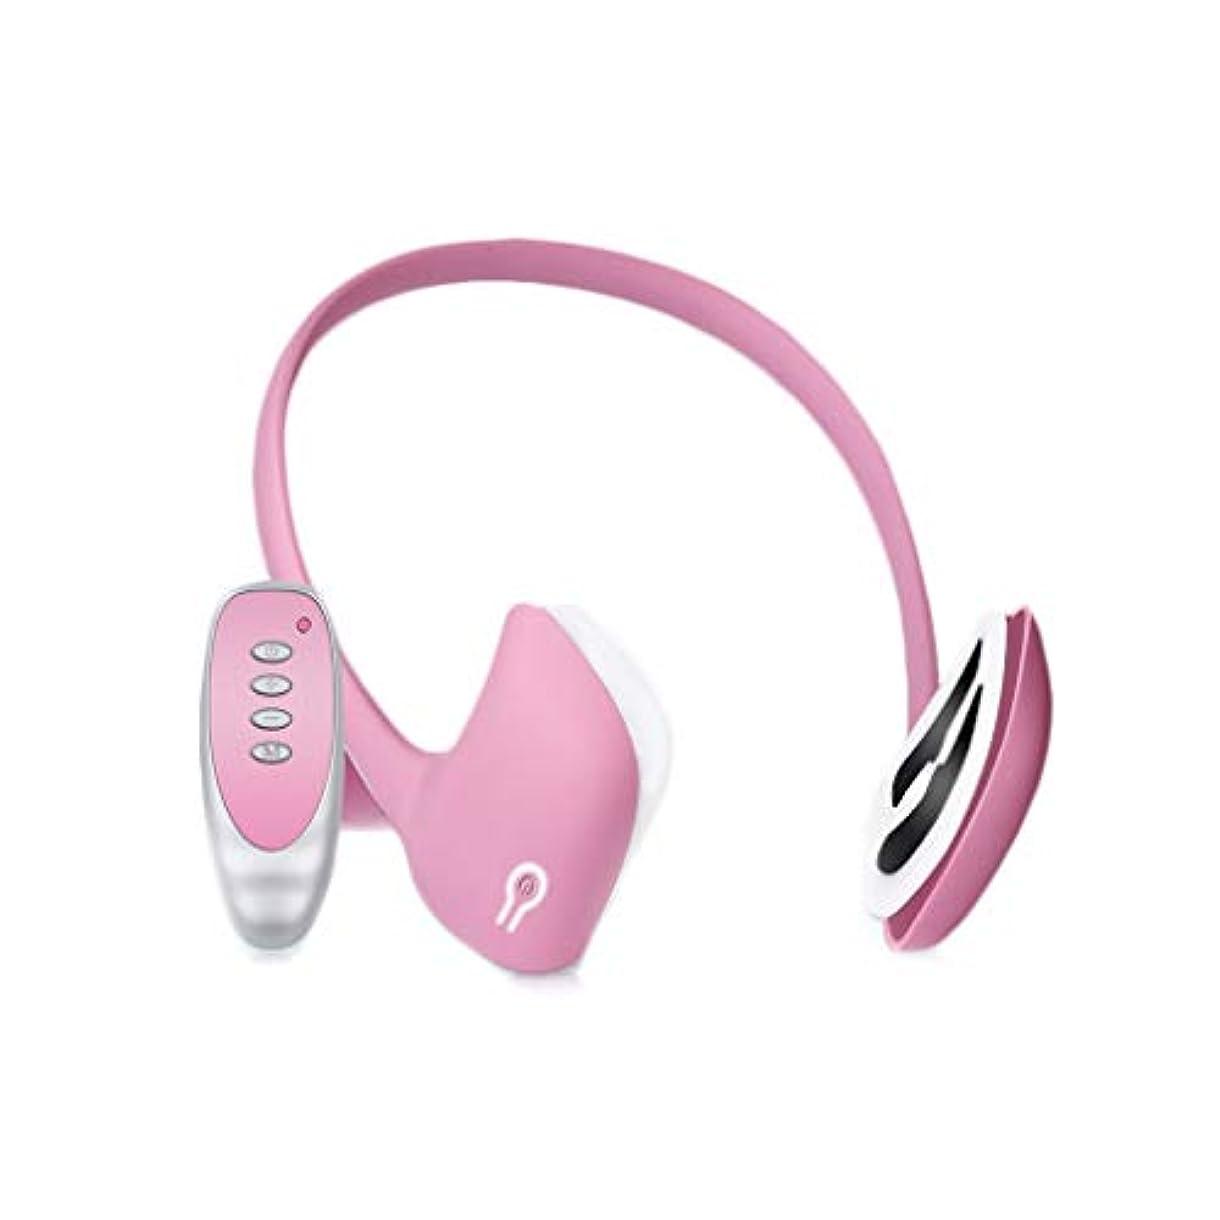 軽蔑柔らかさ溶かすXHLMRMJ フェイスリフティング器具、電動ツールマッサージャー、頬骨の薄い顔の引き締めの改善、フェイスブレース、多機能リフティング、男性と女性の両方に適しています (Color : Pink)